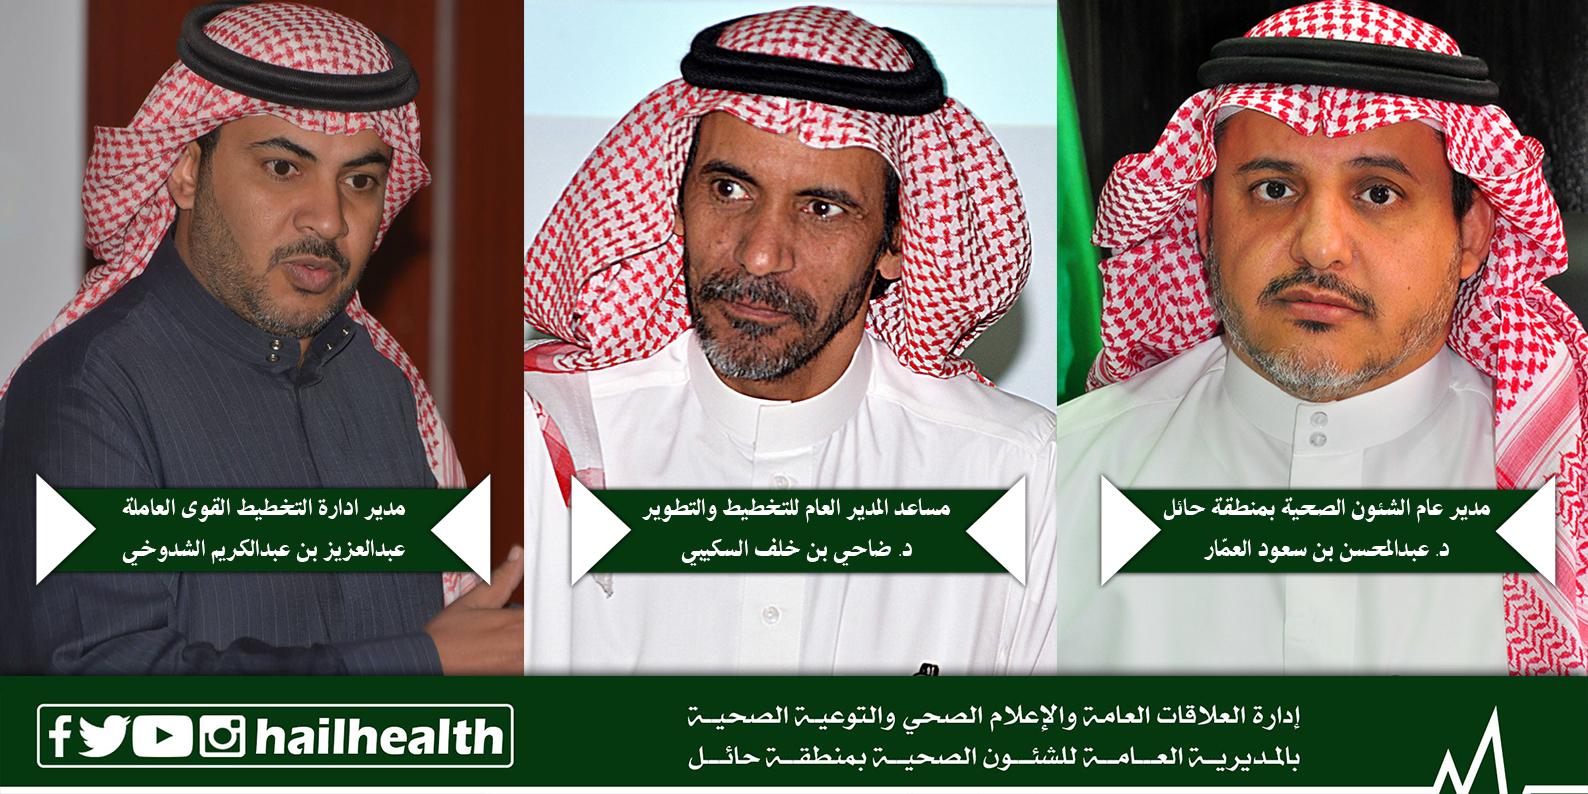 صحة حائل تستكمل حصر الملاك الوظيفي لمنسوبيها بنسبة 100 المديرية العامة للشؤون الصحية بحائل